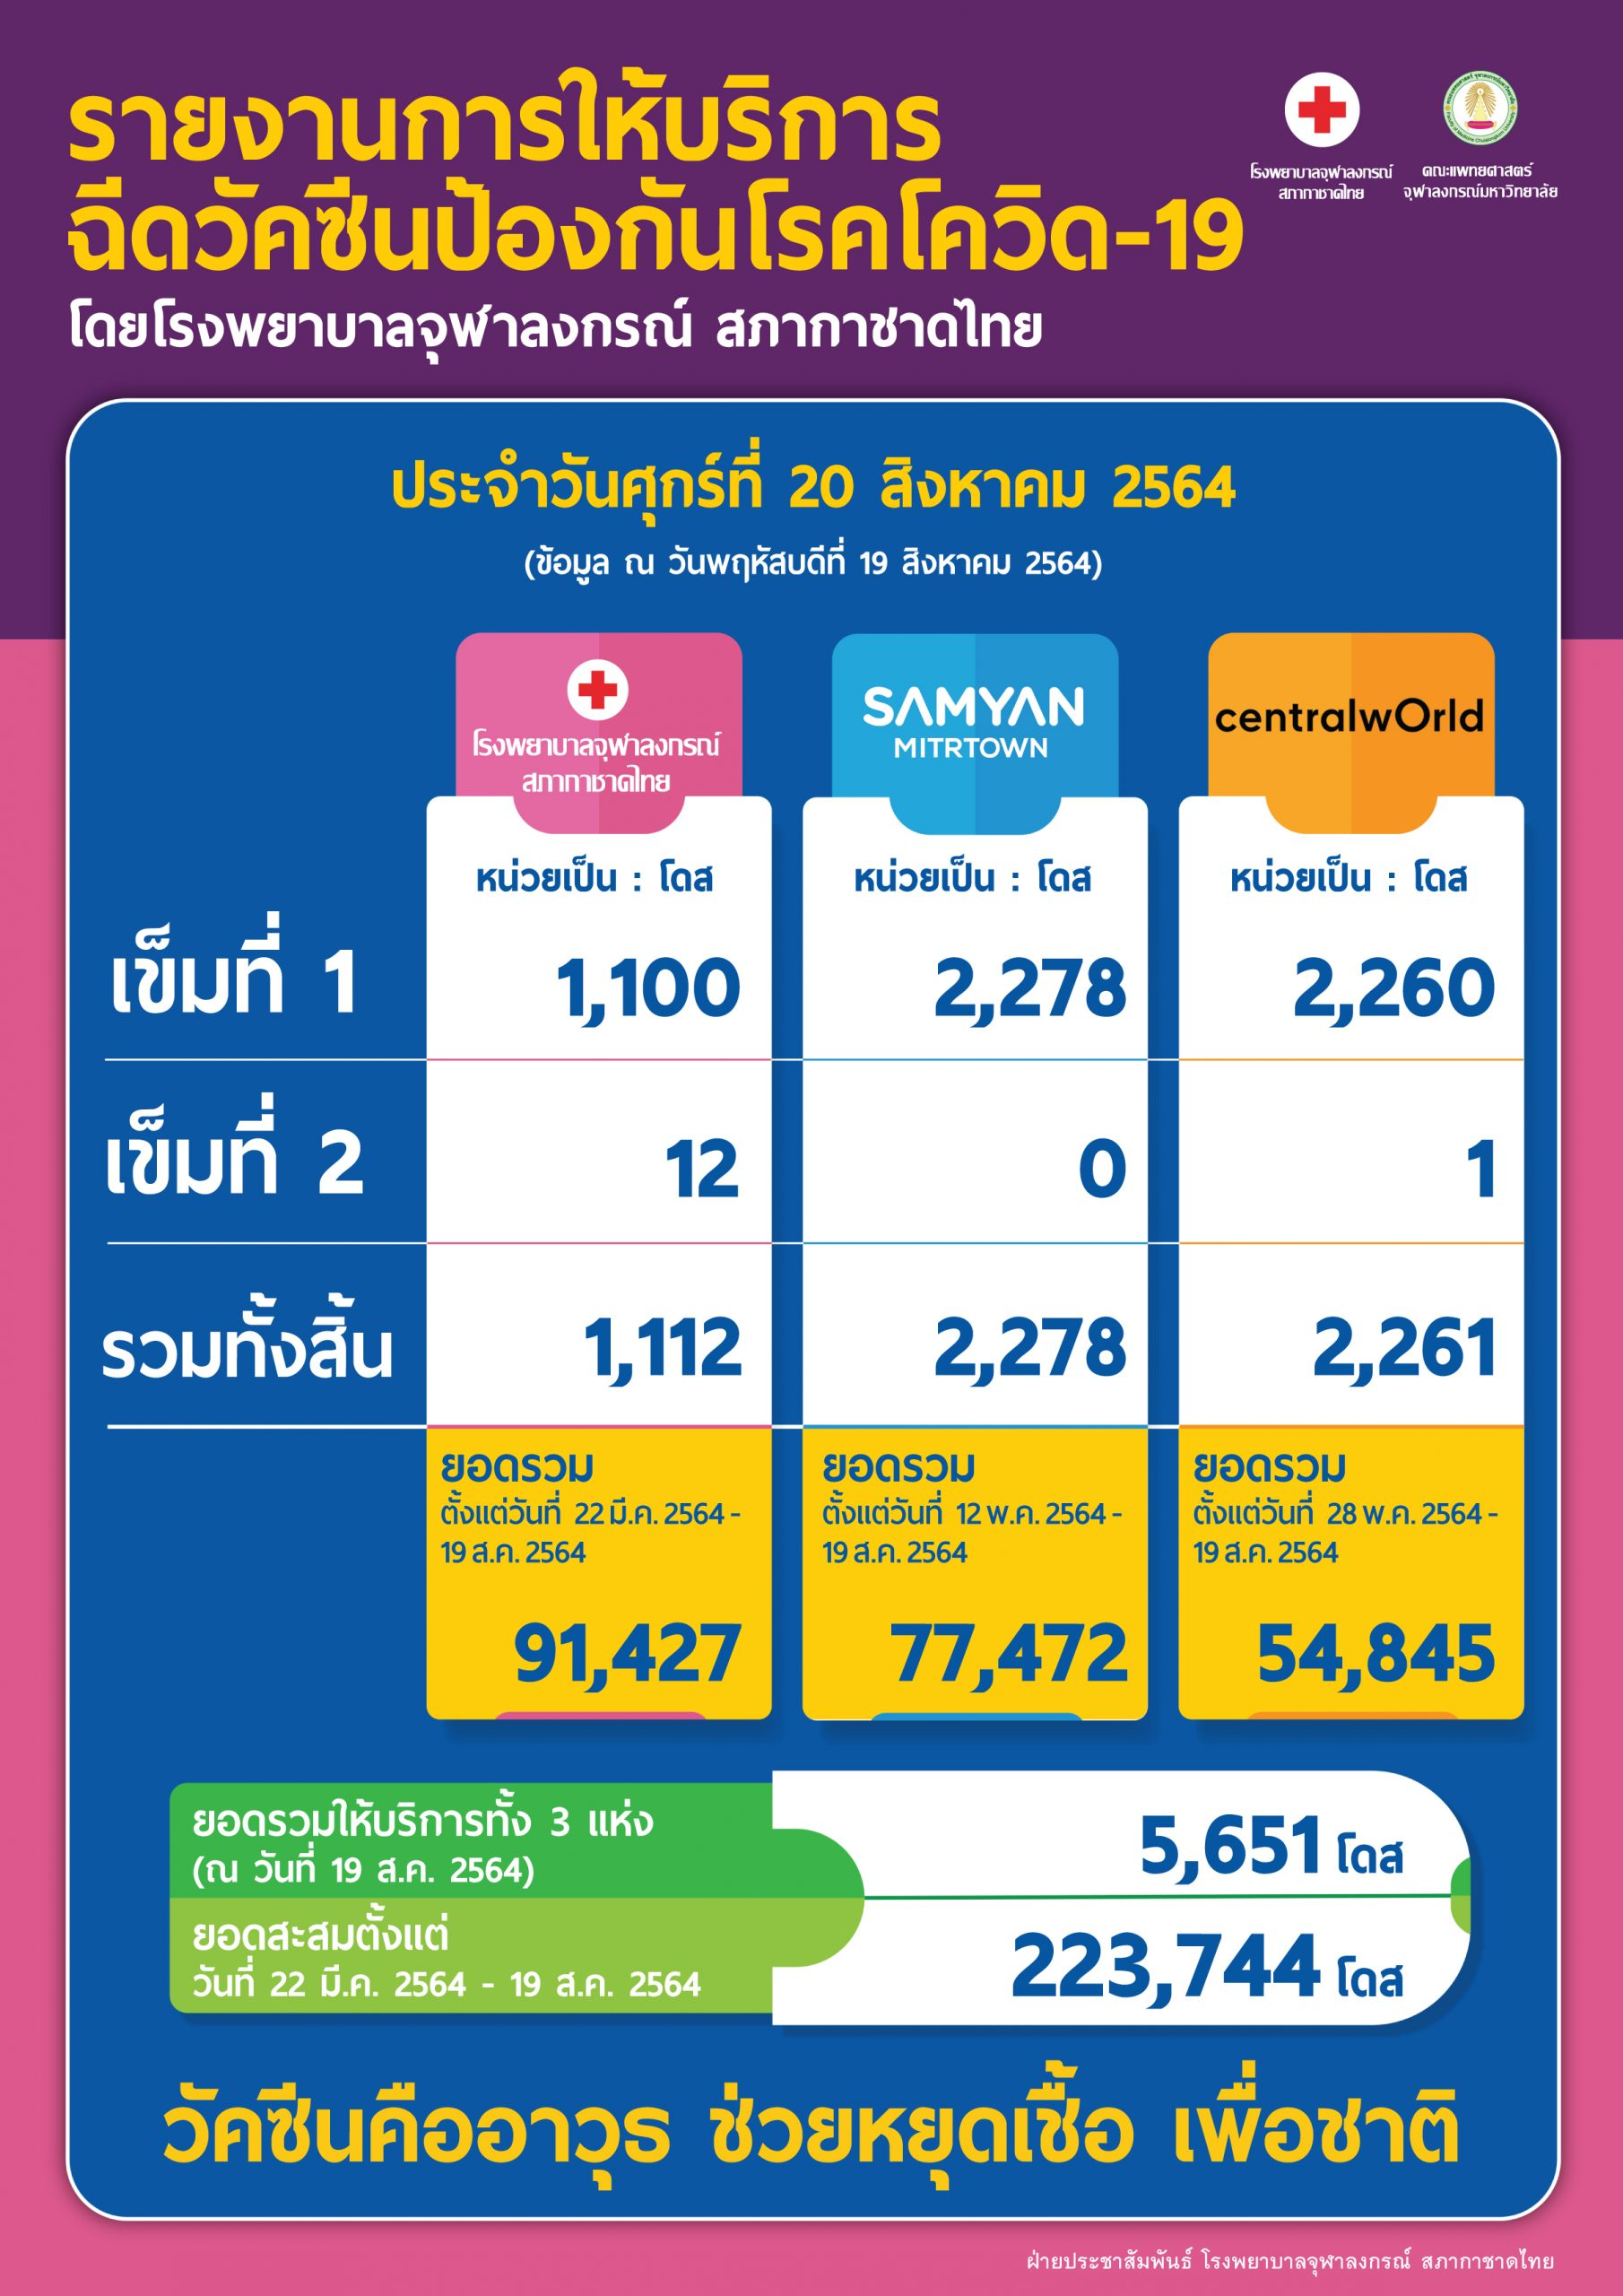 รายงานการให้บริการฉีดวัคซีนป้องกันโรคโควิด-19 โดยโรงพยาบาลจุฬาลงกรณ์ สภากาชาดไทย ประจำวันศุกร์ที่ 20 สิงหาคม 2564